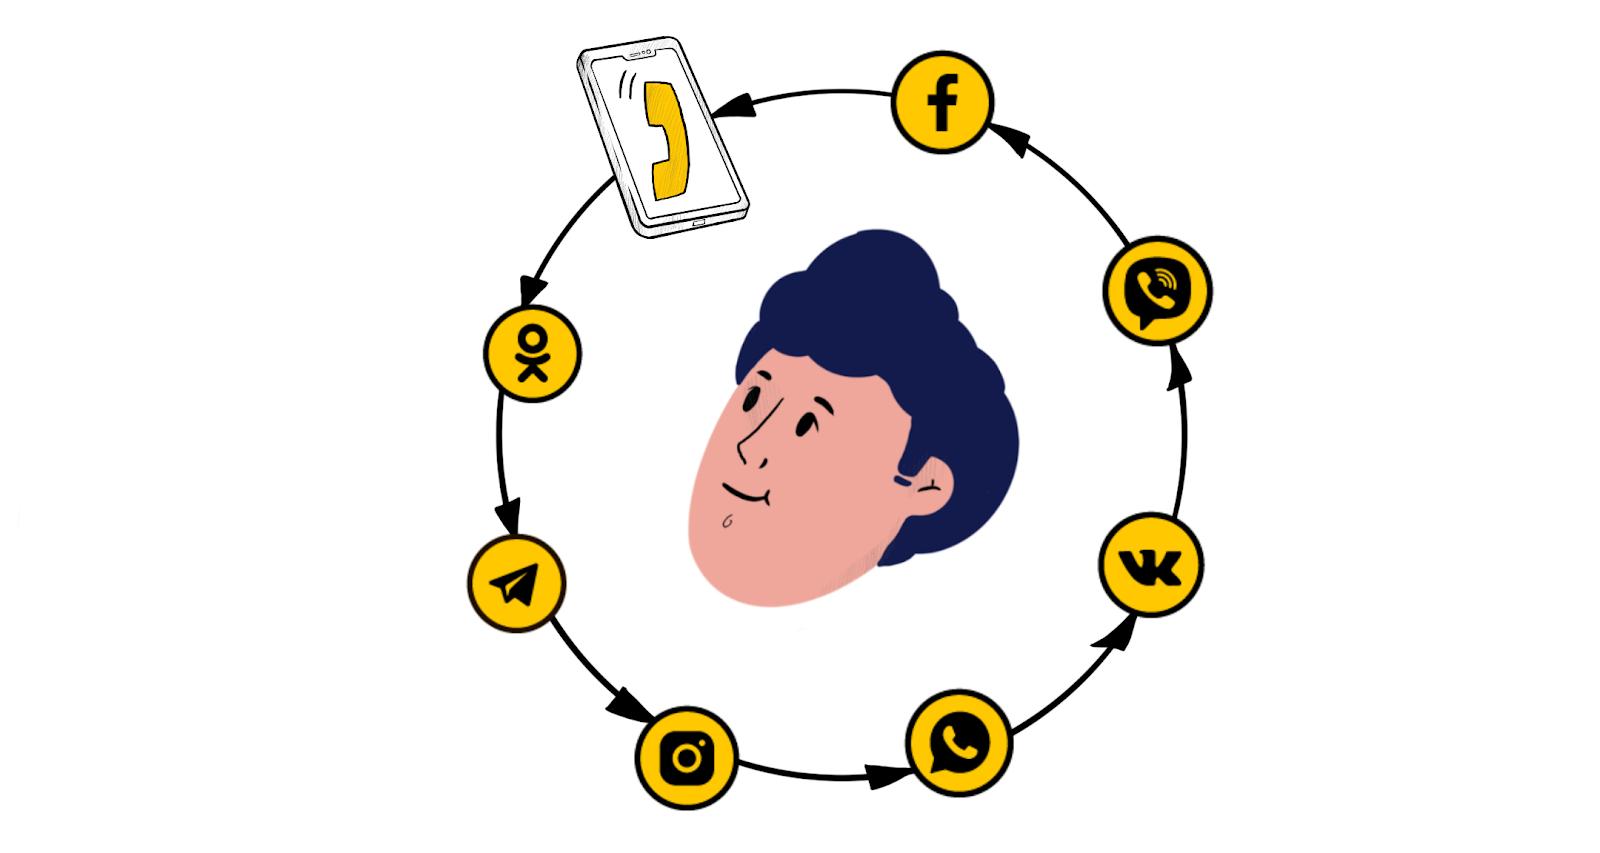 Один клиент может использовать несколько способов связи с вами, смотря что удобнее